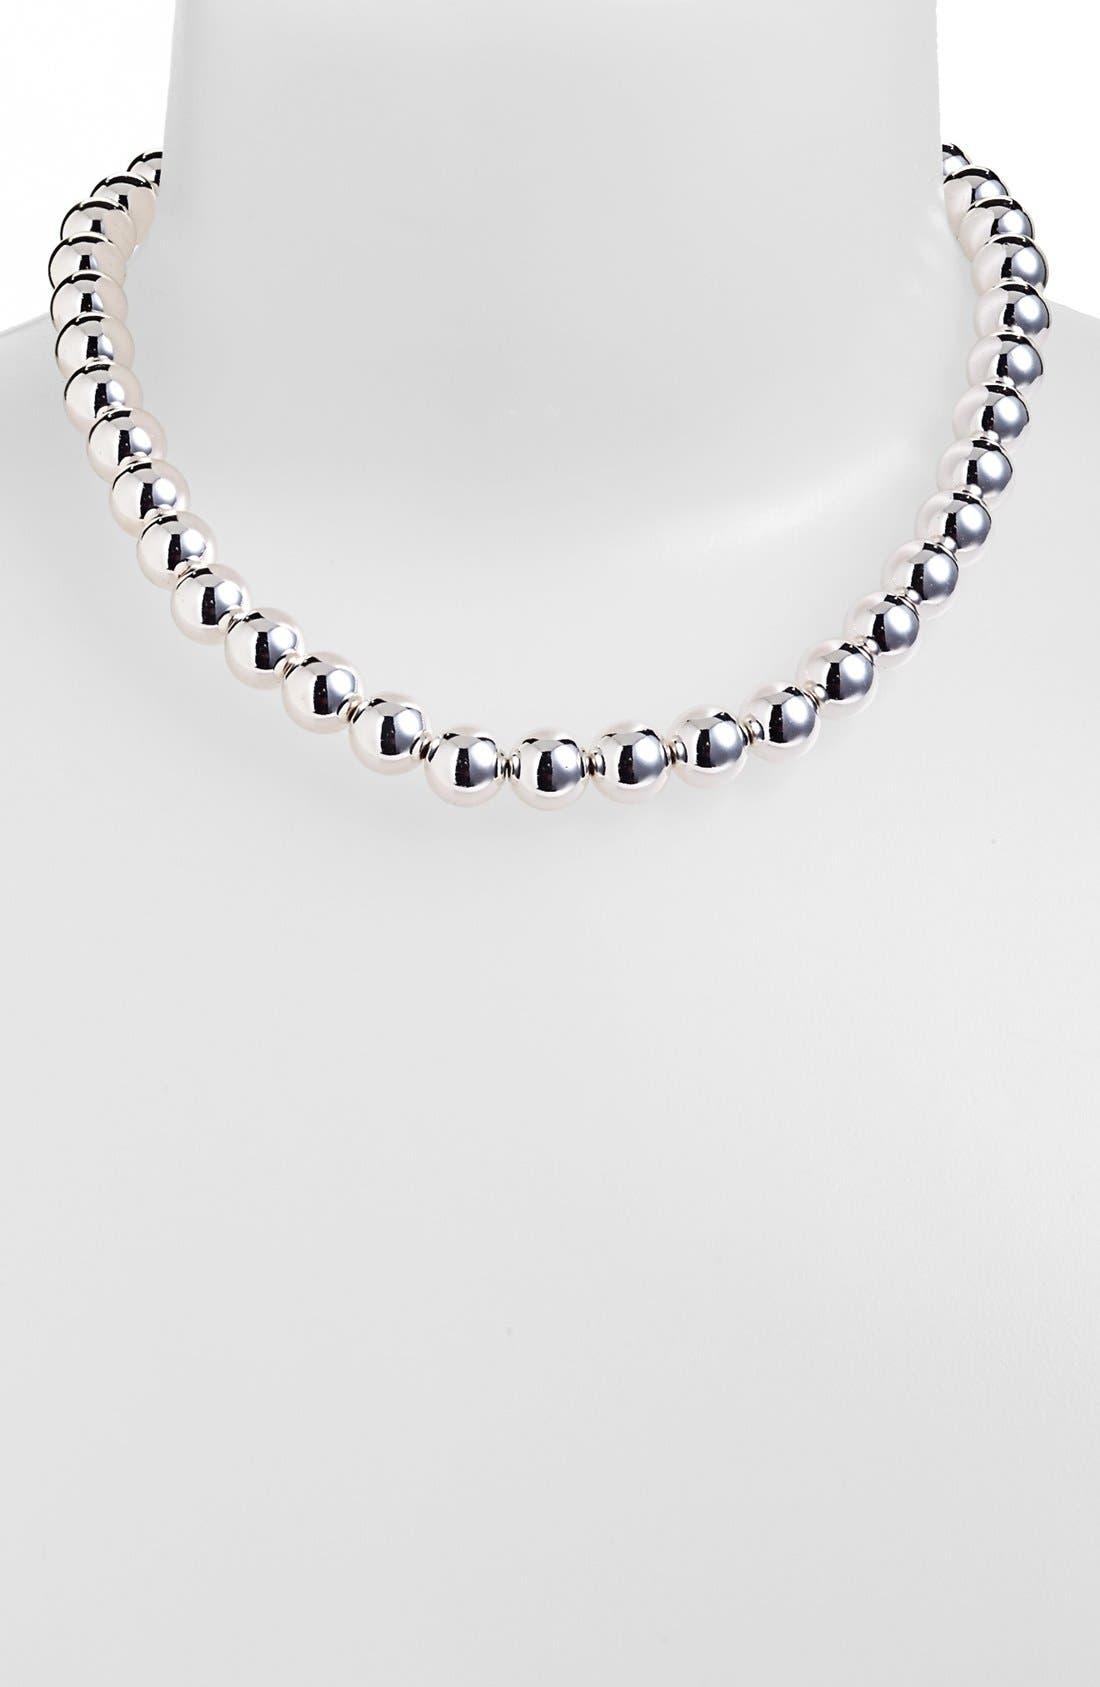 Main Image - Lauren Ralph Lauren Metal Bead Necklace